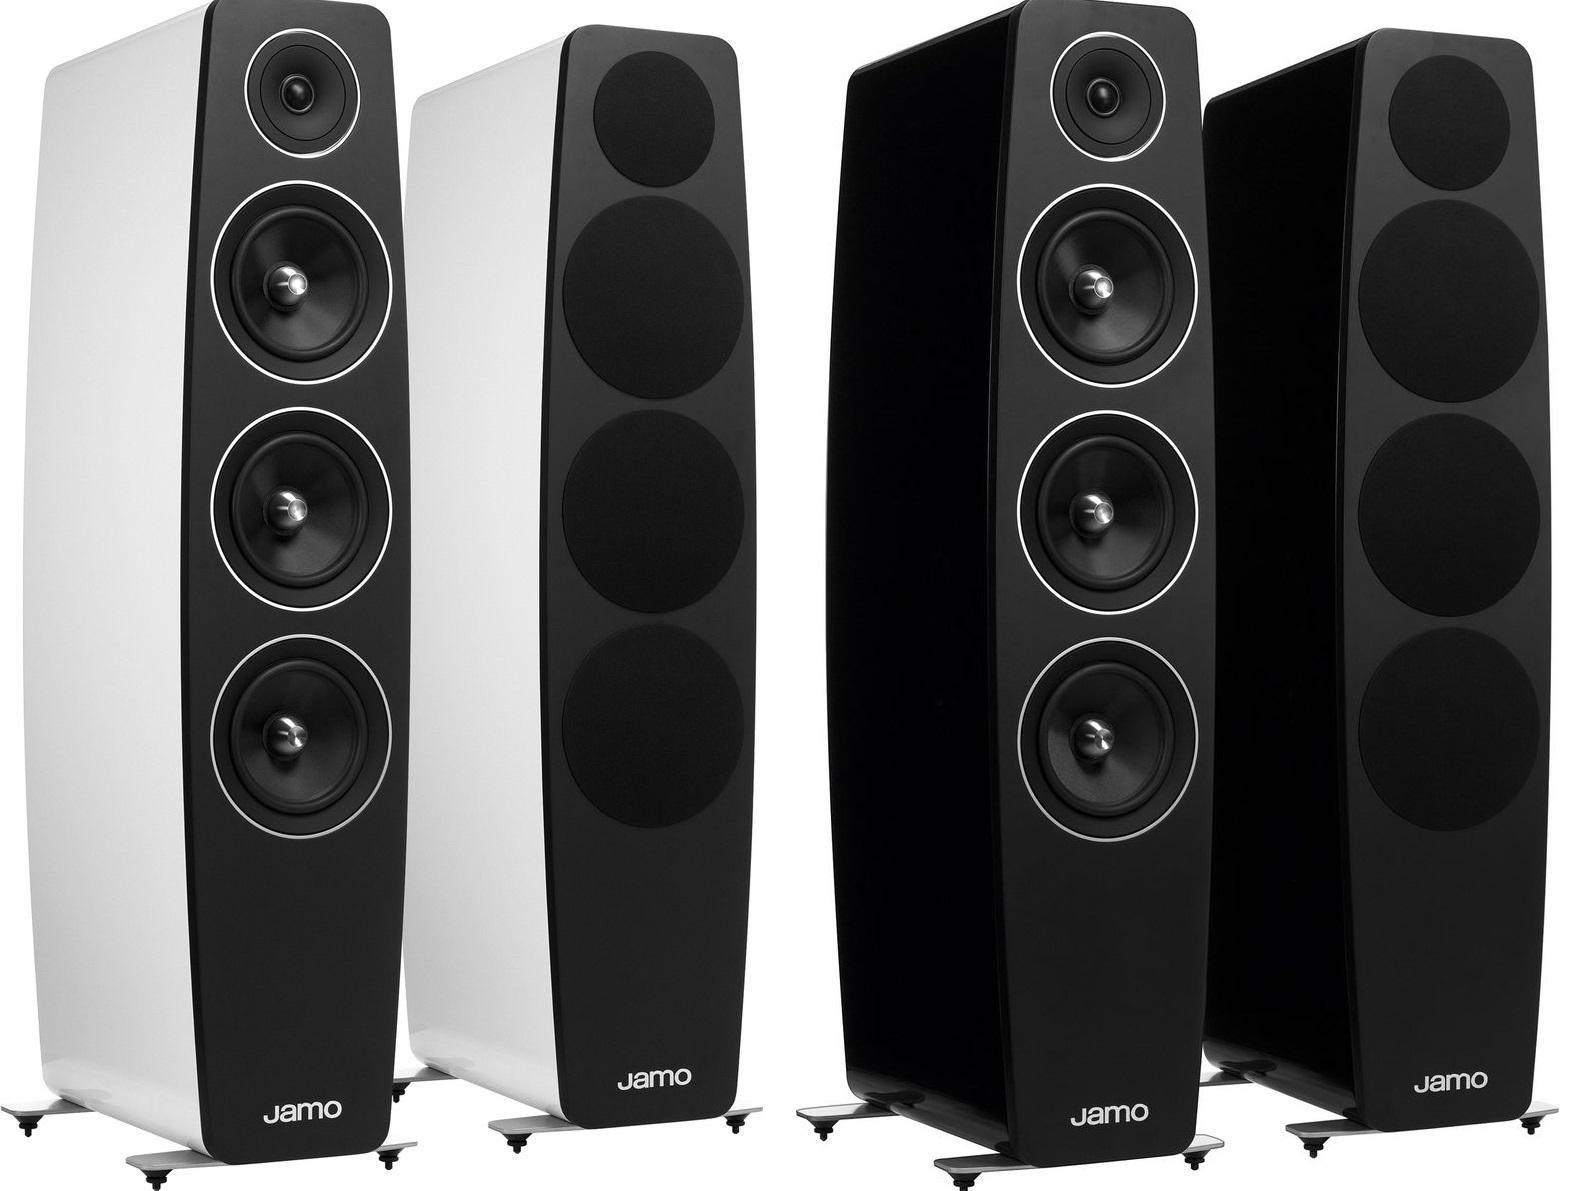 Sélection d'Enceintes Jamo en promotion - Ex: Paire de Colonnes Bass-reflex à 3 voies Jamo Concert C109 (200/400W, Noir ou Blanc Laqué, 36,3kg chacune)